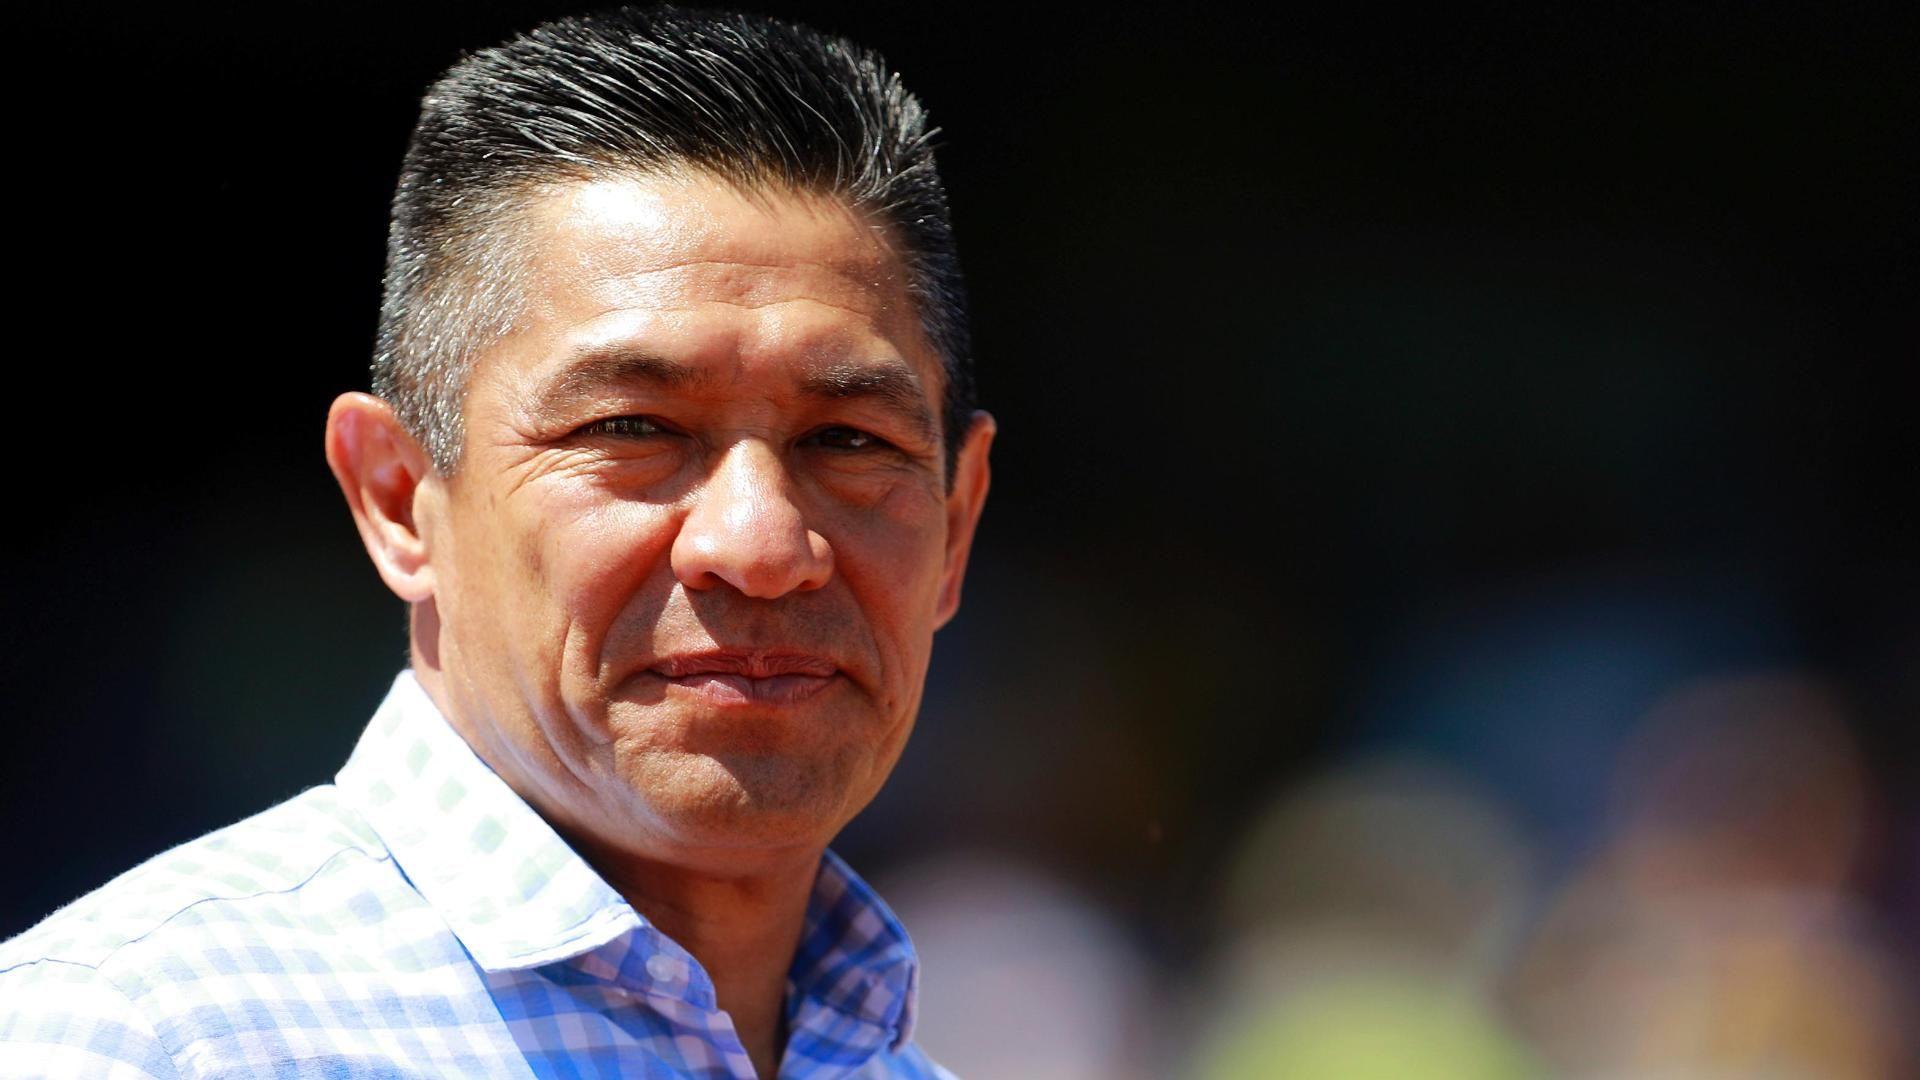 Experiencia en el futbol mexicano y trabajo con jóvenes virtudes de Ambriz